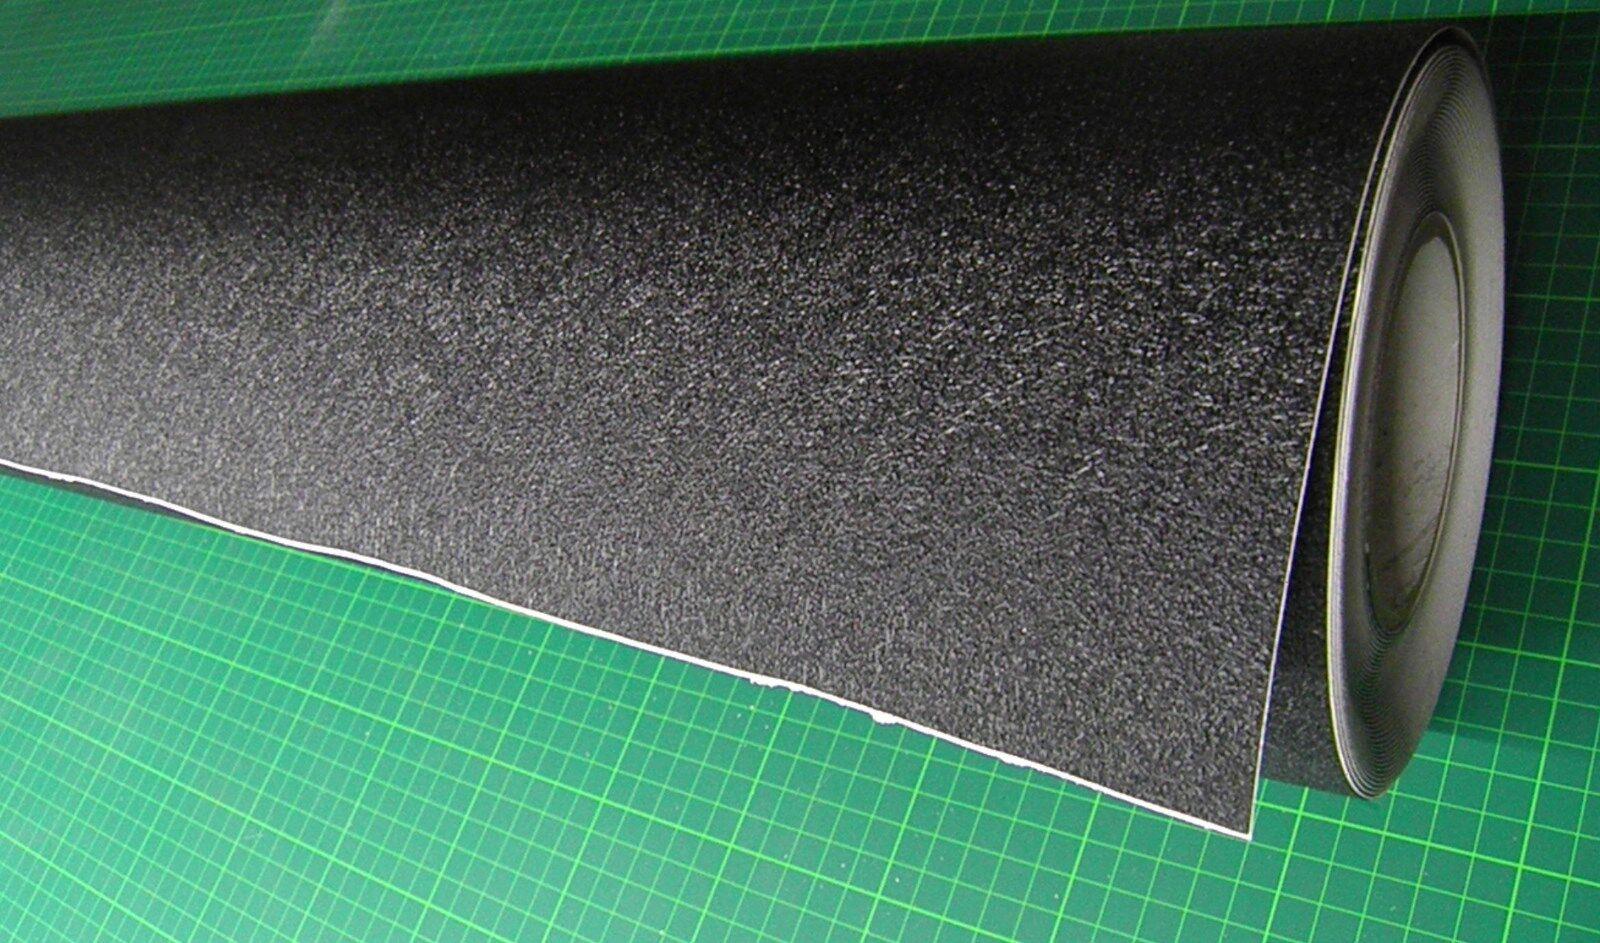 il più alla moda 1 M PVC ANTISCIVOLO Pellicola Ruolo da tavola circa circa circa 119 cm di larghezza nero autoadesivo  risparmia fino al 70%